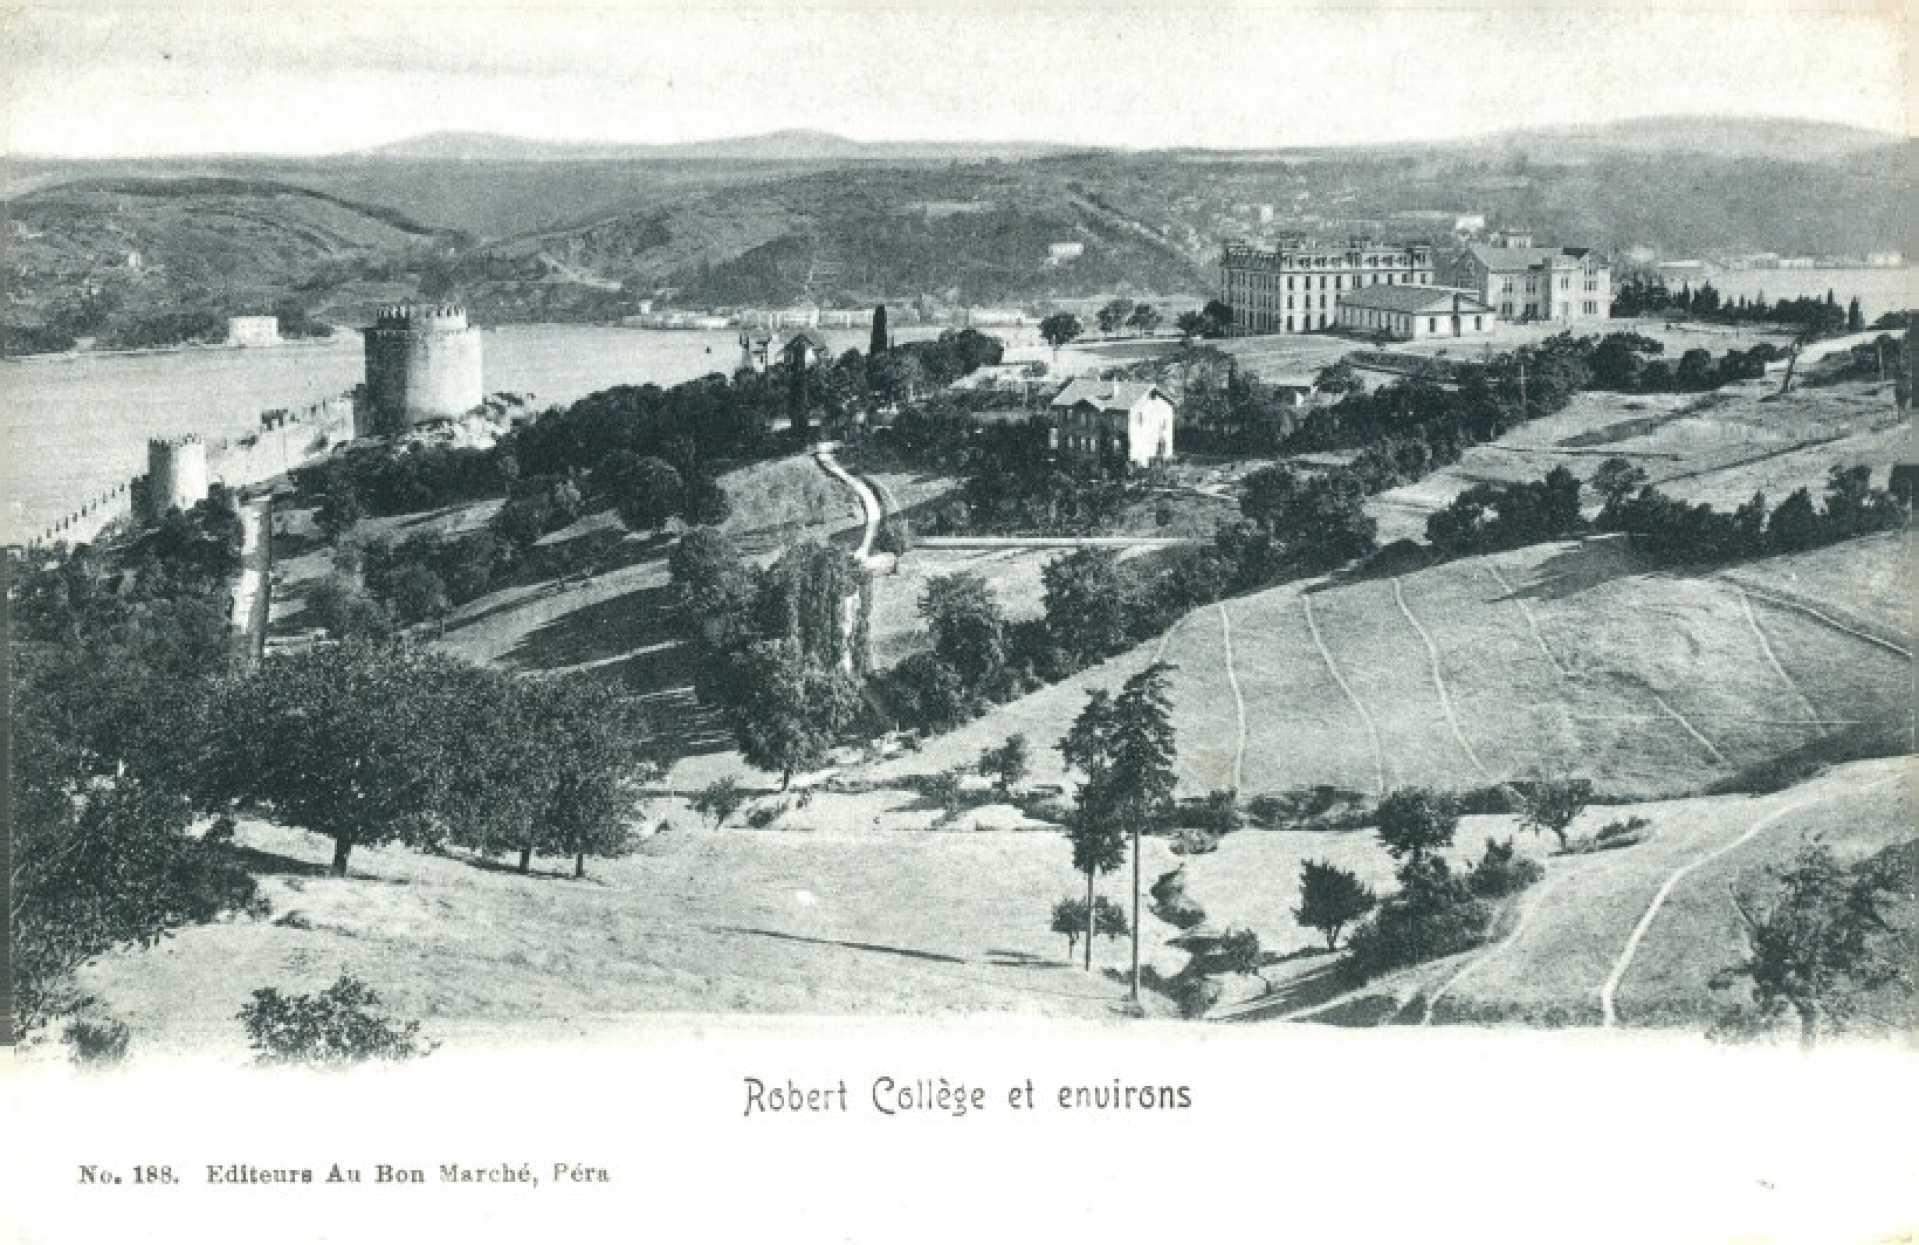 Robert College et environs